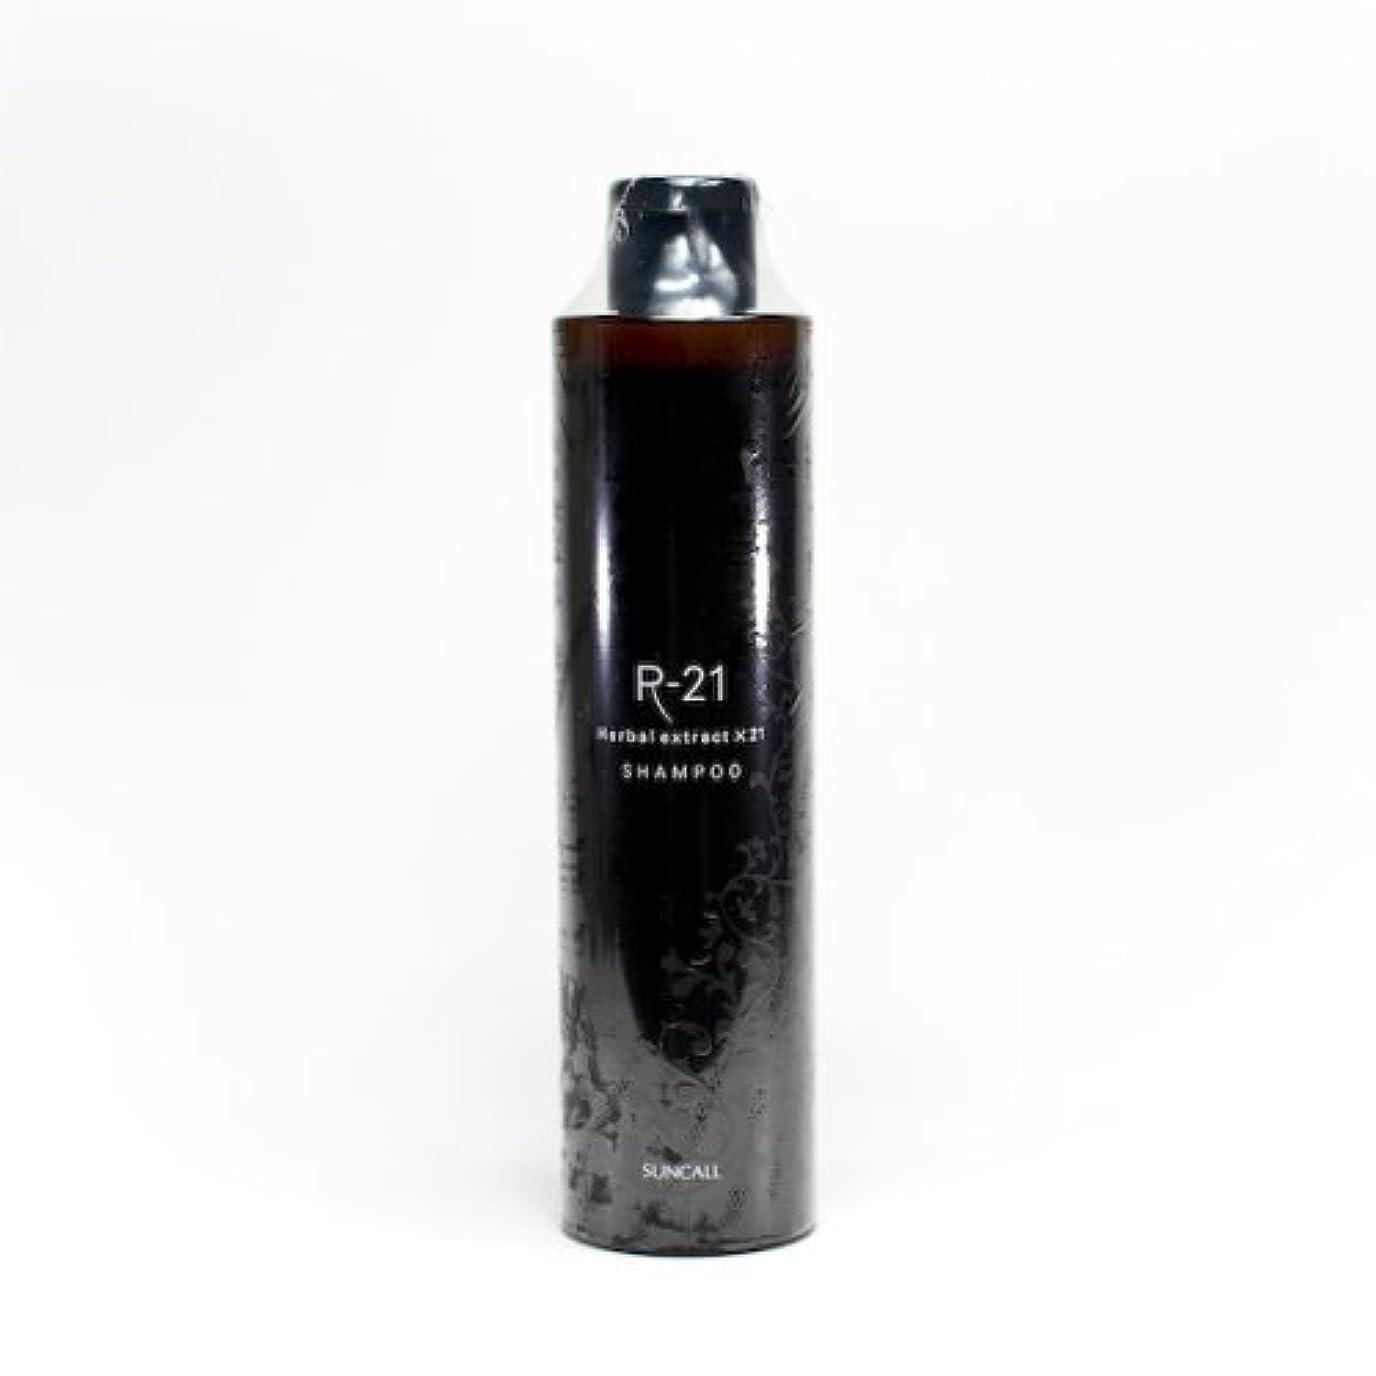 塗抹ヒップ歌手サンコール R-21シャンプー 280ml